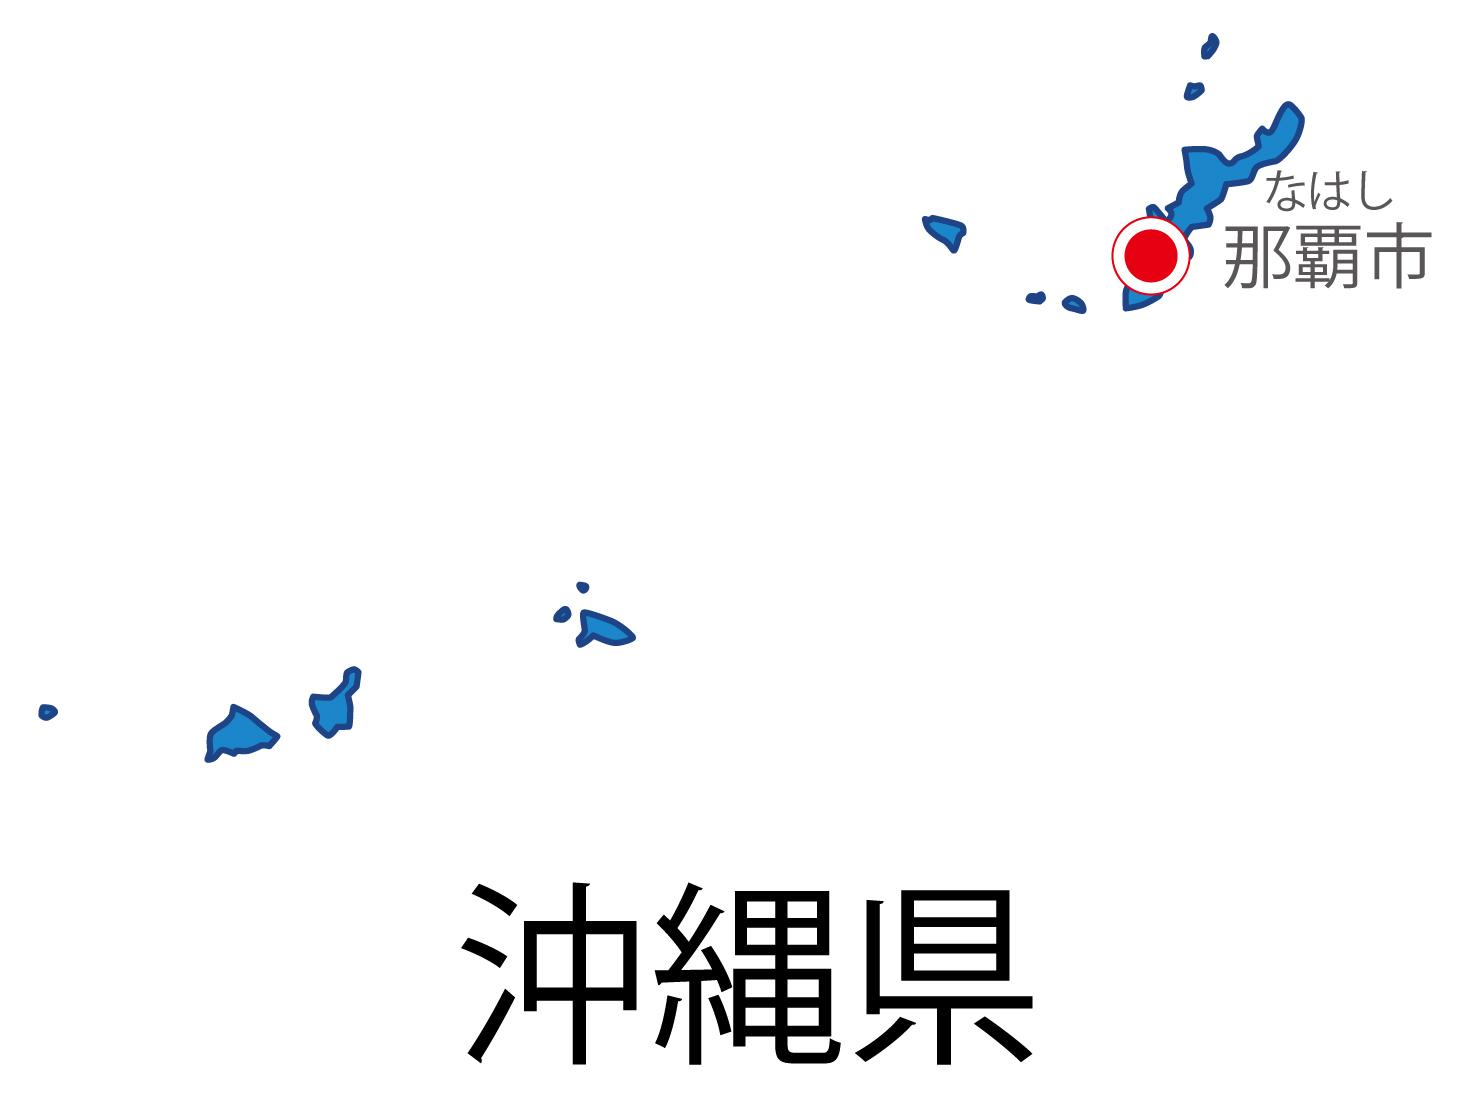 沖縄県無料フリーイラスト|日本語・都道府県名あり・県庁所在地あり・ルビあり(青)